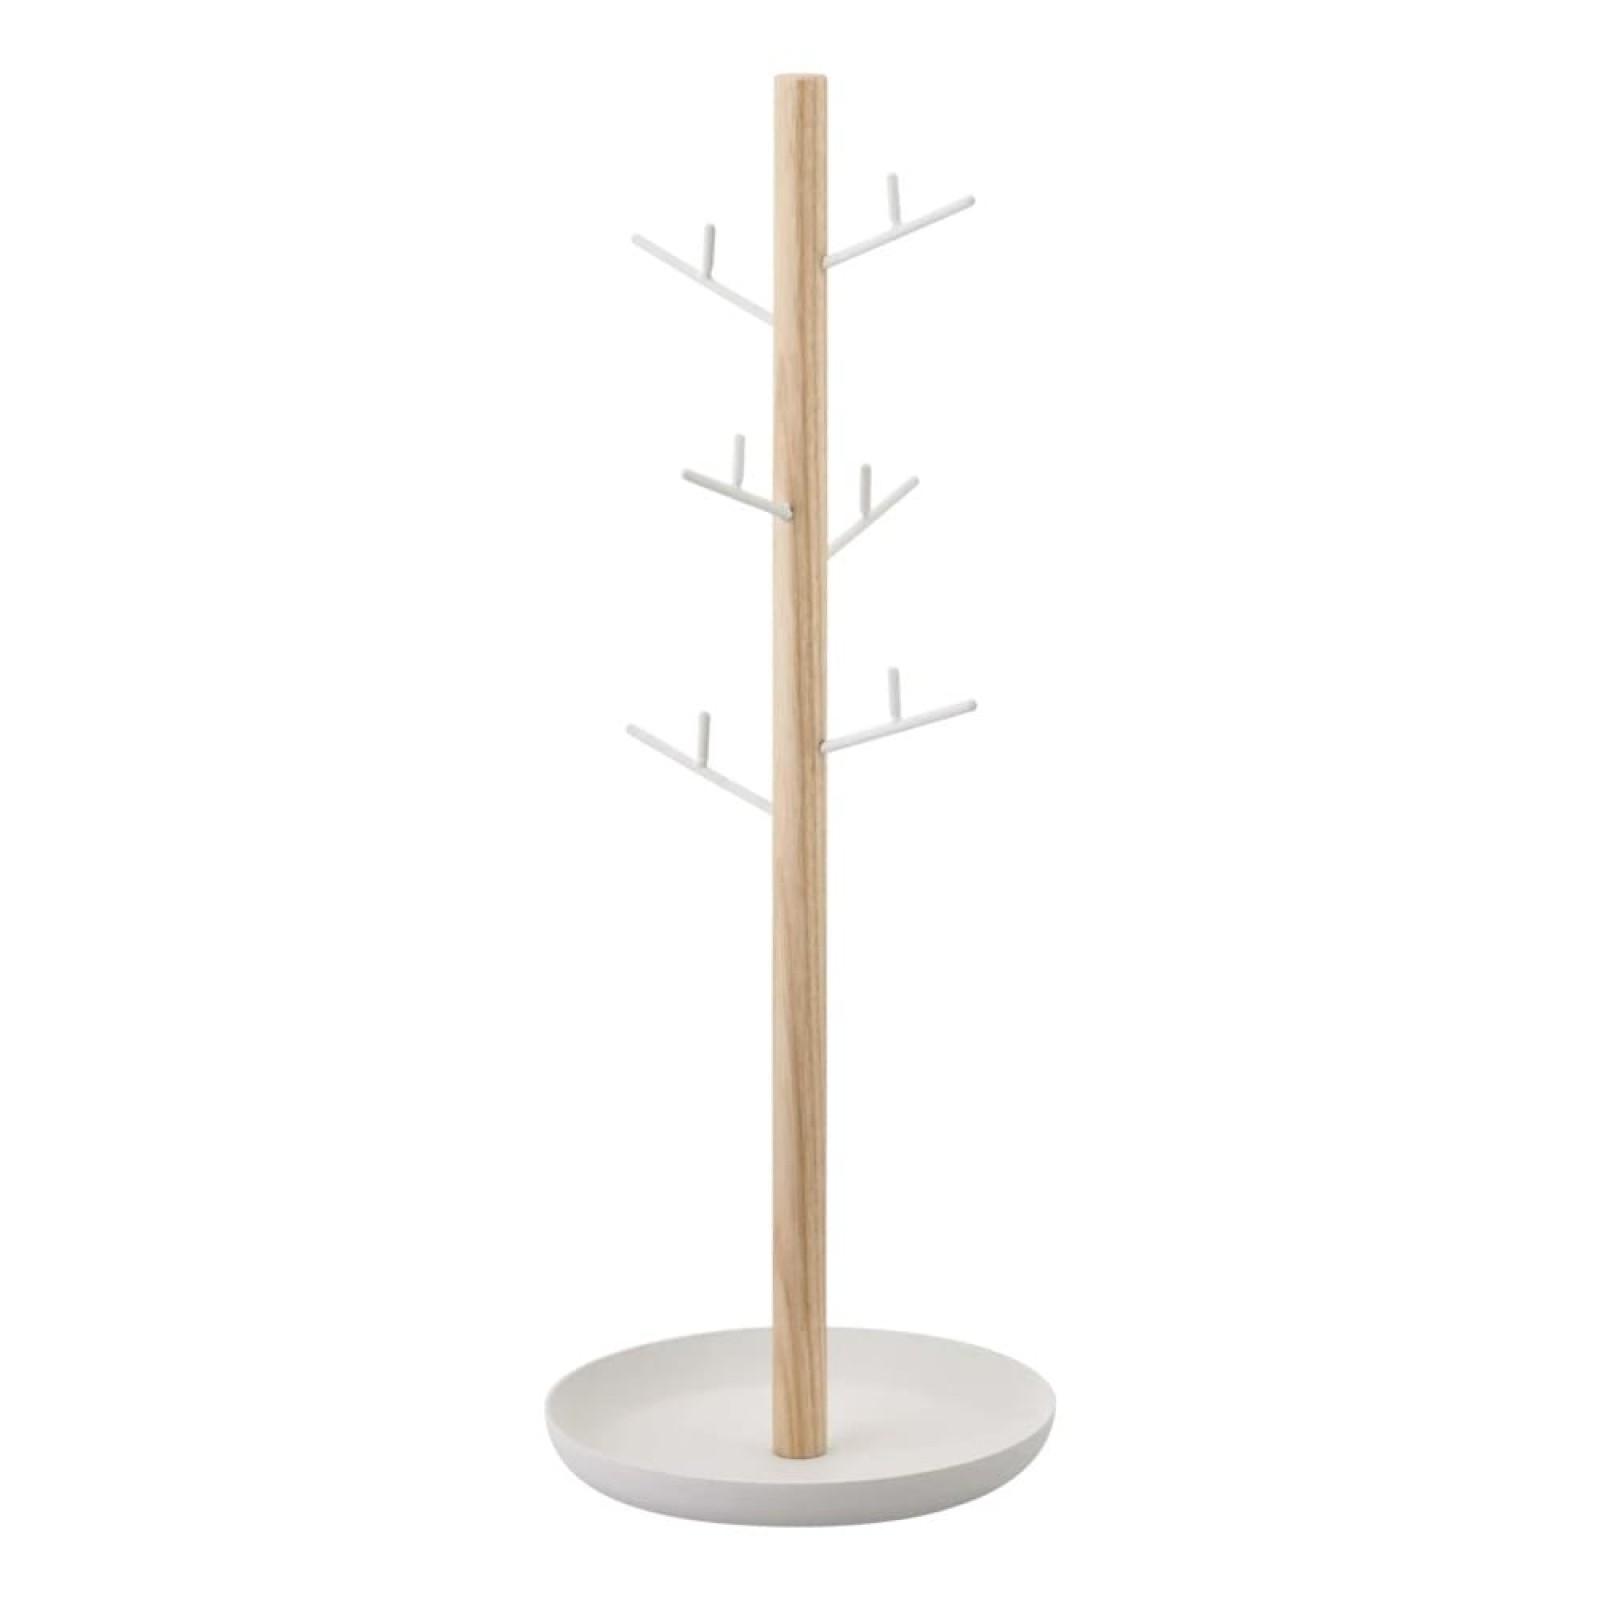 Σταντ Κοσμημάτων Tree (Λευκό / Φυσικό) - Yamazaki